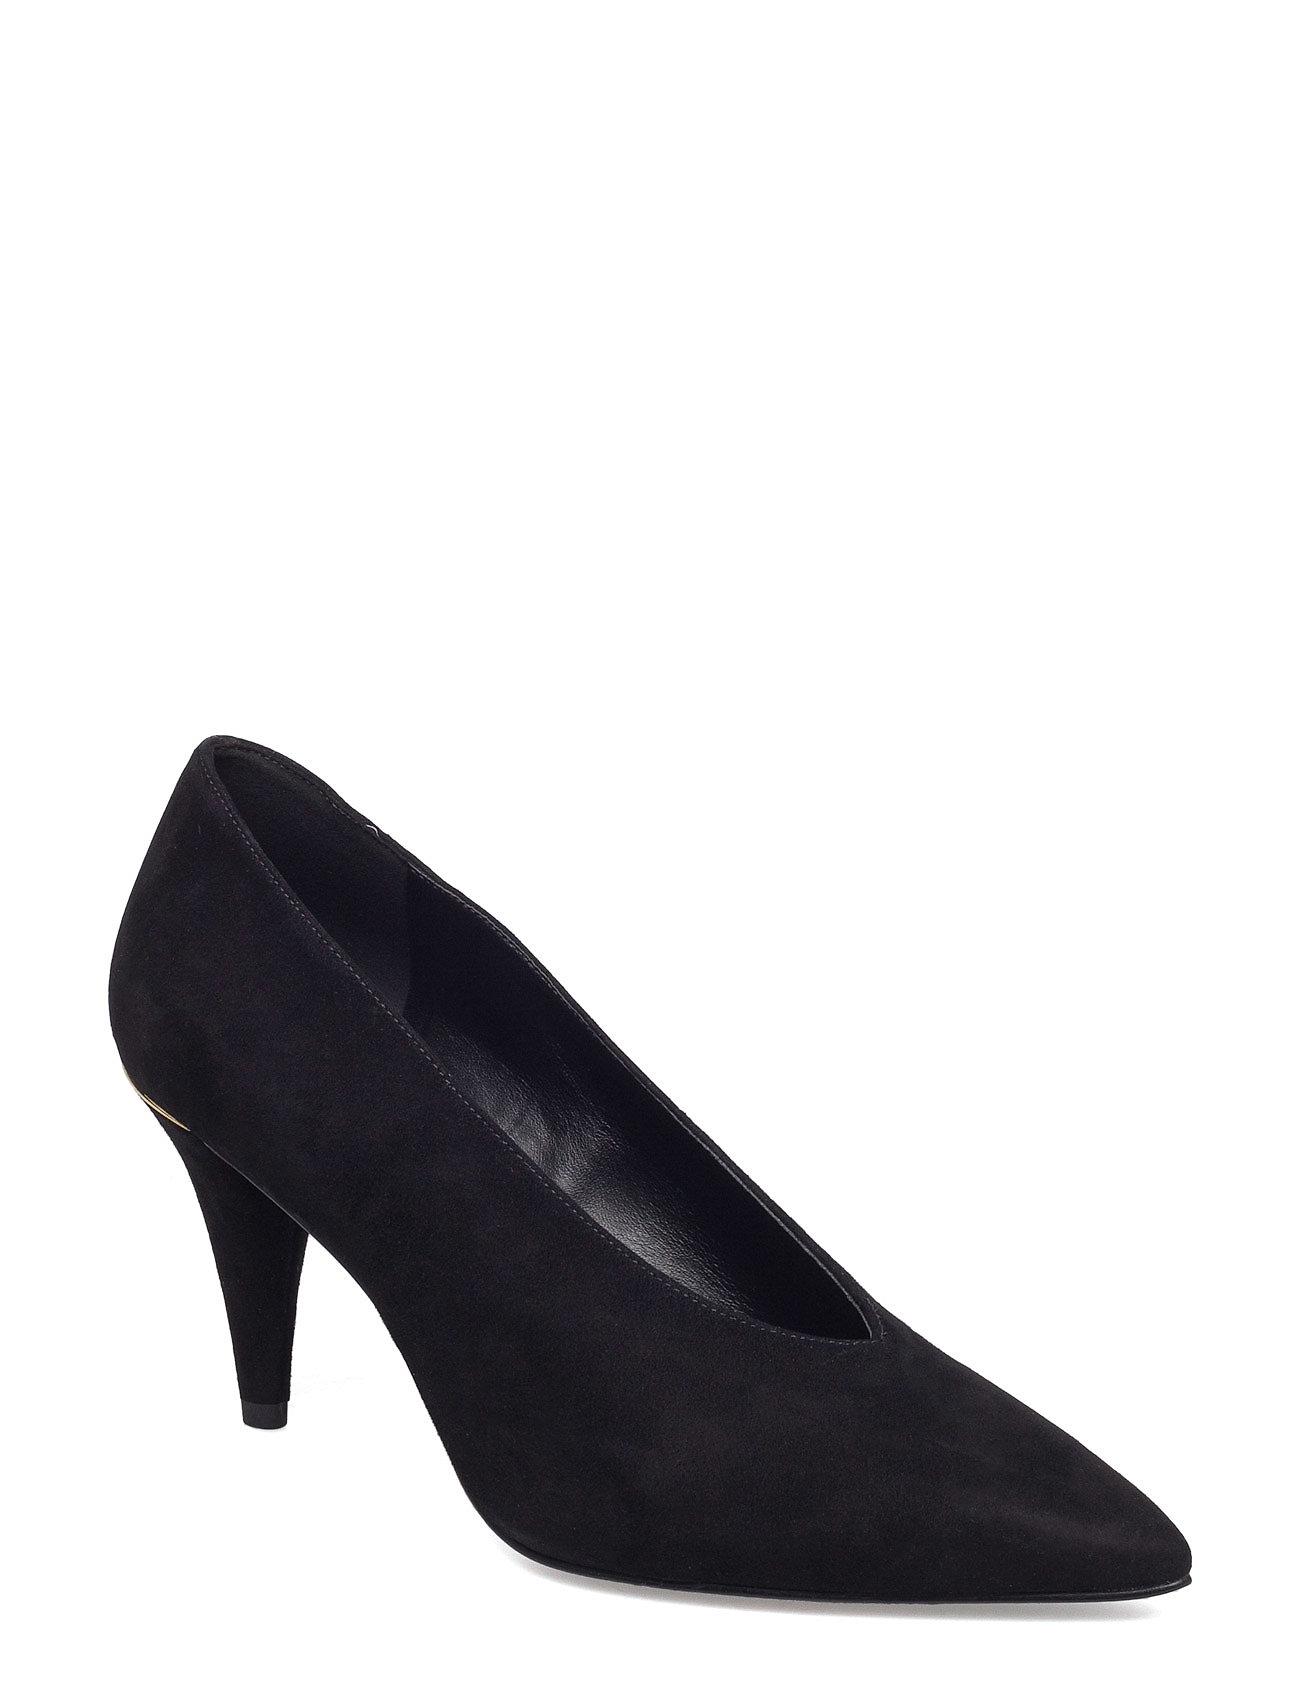 851781b90030 Bestil Lizzy Mid Pump Michael Kors Shoes Stiletter i Sort til Damer på  nettet